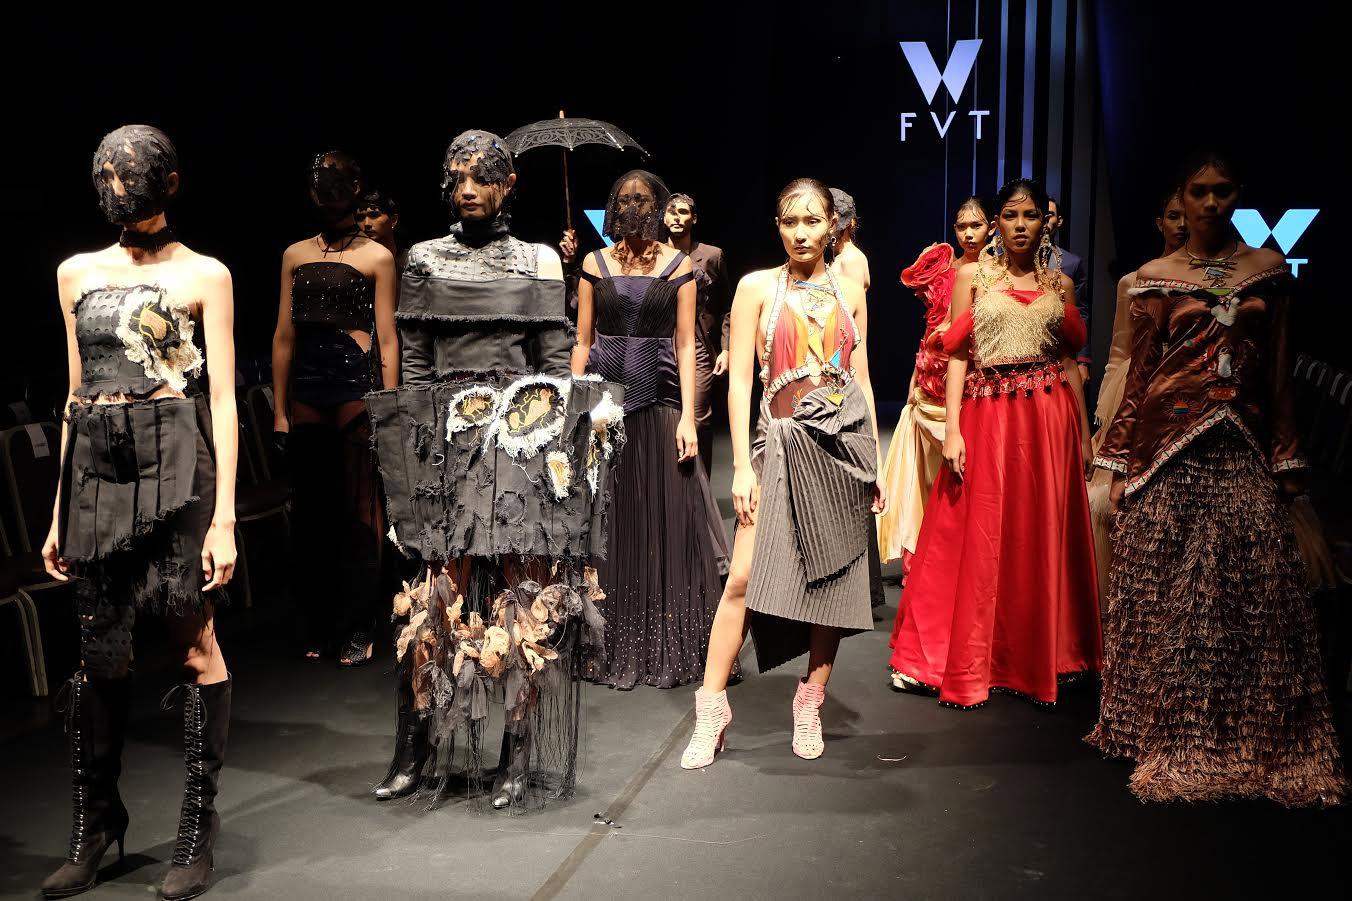 Fashion V together แฟชั่น